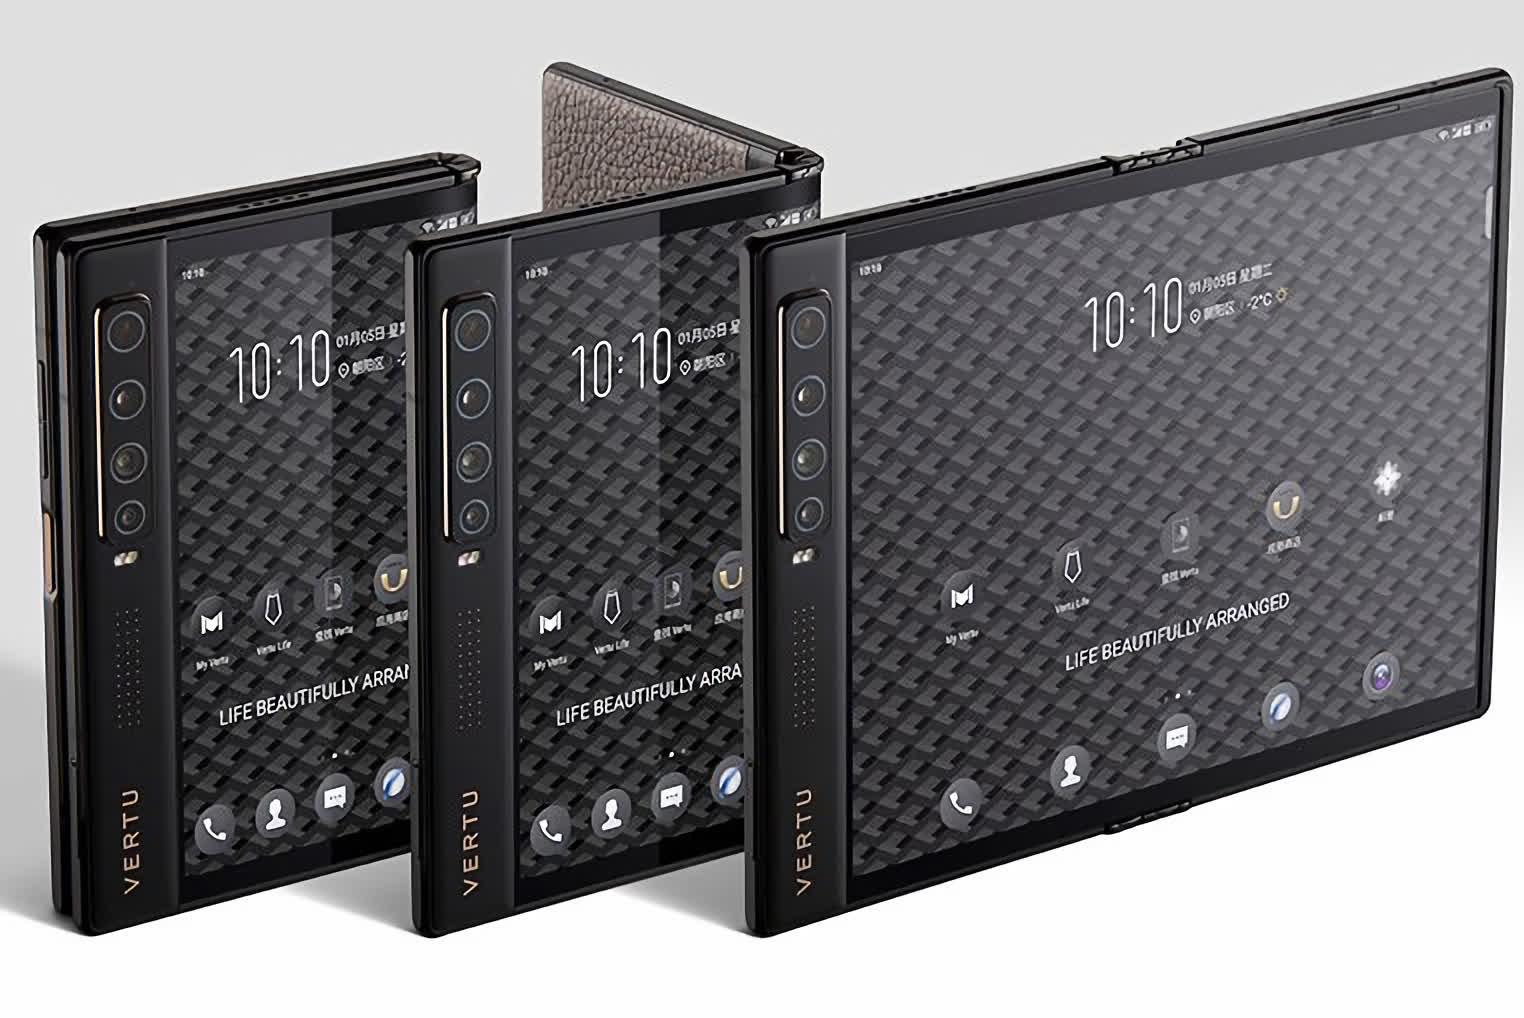 ورتو از گوشی تاشوی Ayxta Fold 5G با قیمت ۷۰۰۰ دلار رونمایی کرد